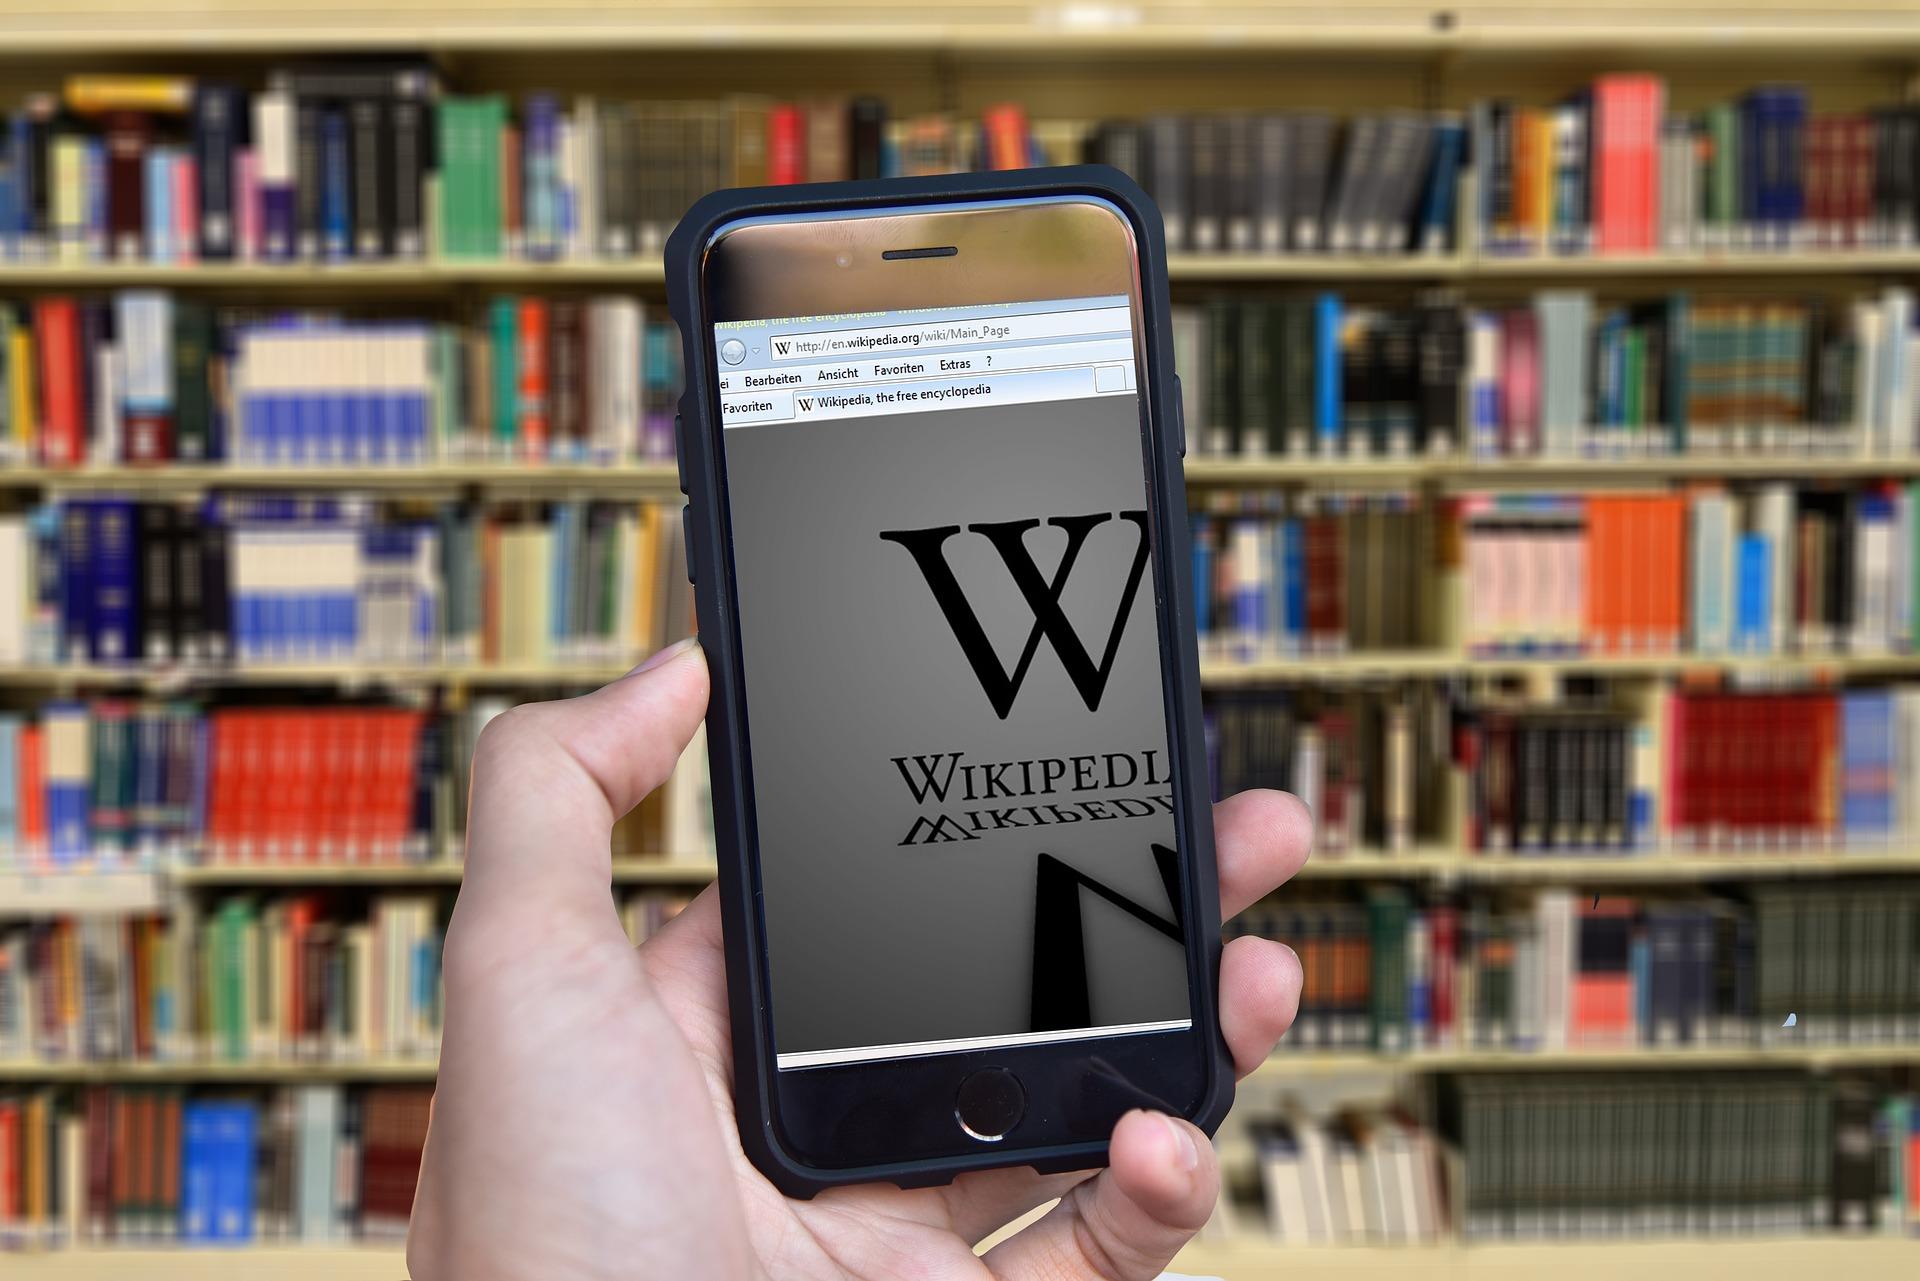 21 marzo 2019 – Wikipedia da il via ad un nuovo blackout